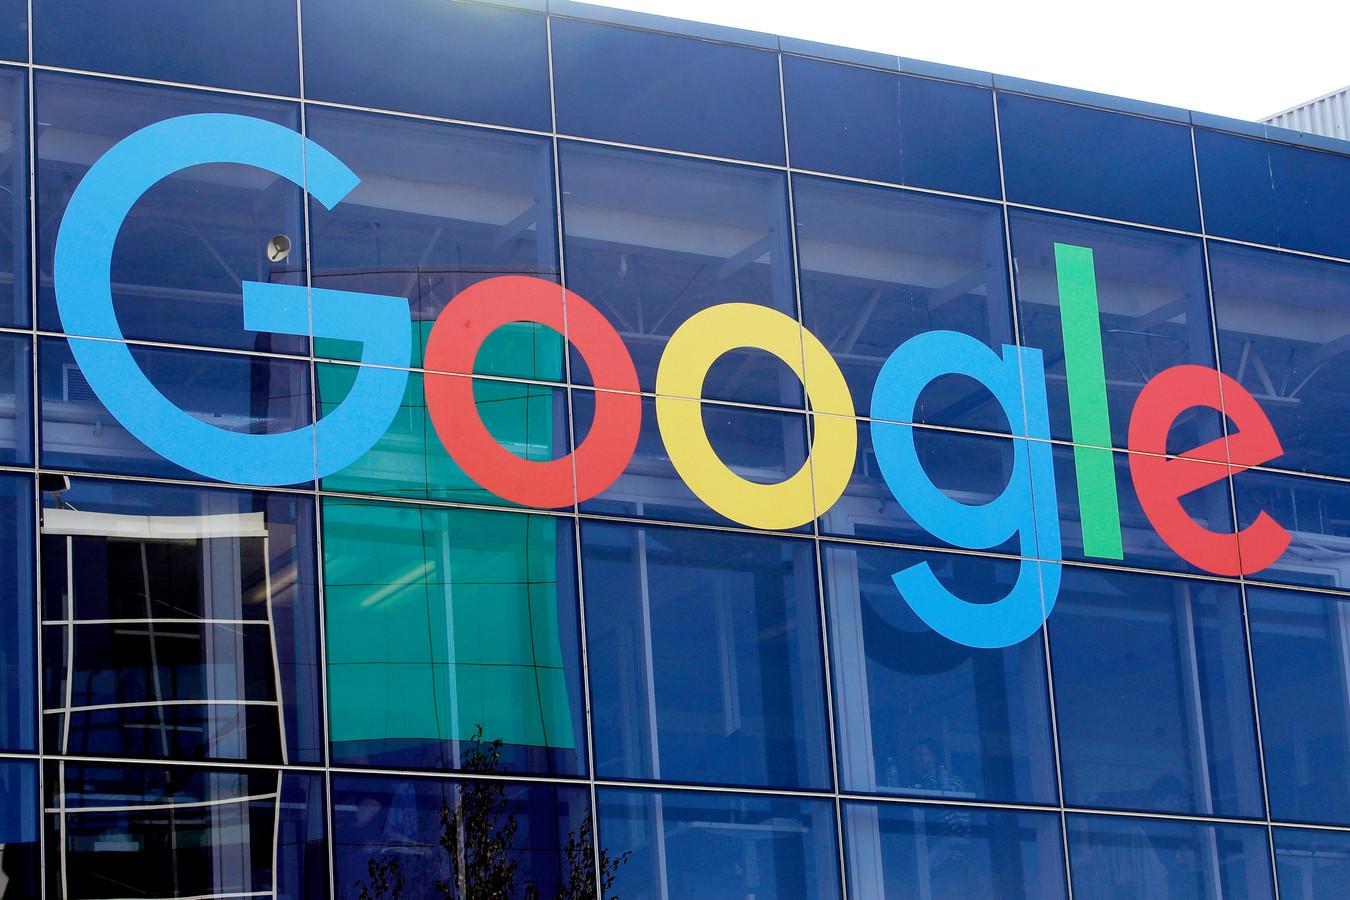 De deal tussen Google en de Franse media is een wereldwijde primeur. De techreus wil in meer landen vergoedingen gaan betalen voor het aanbieden van nieuws.